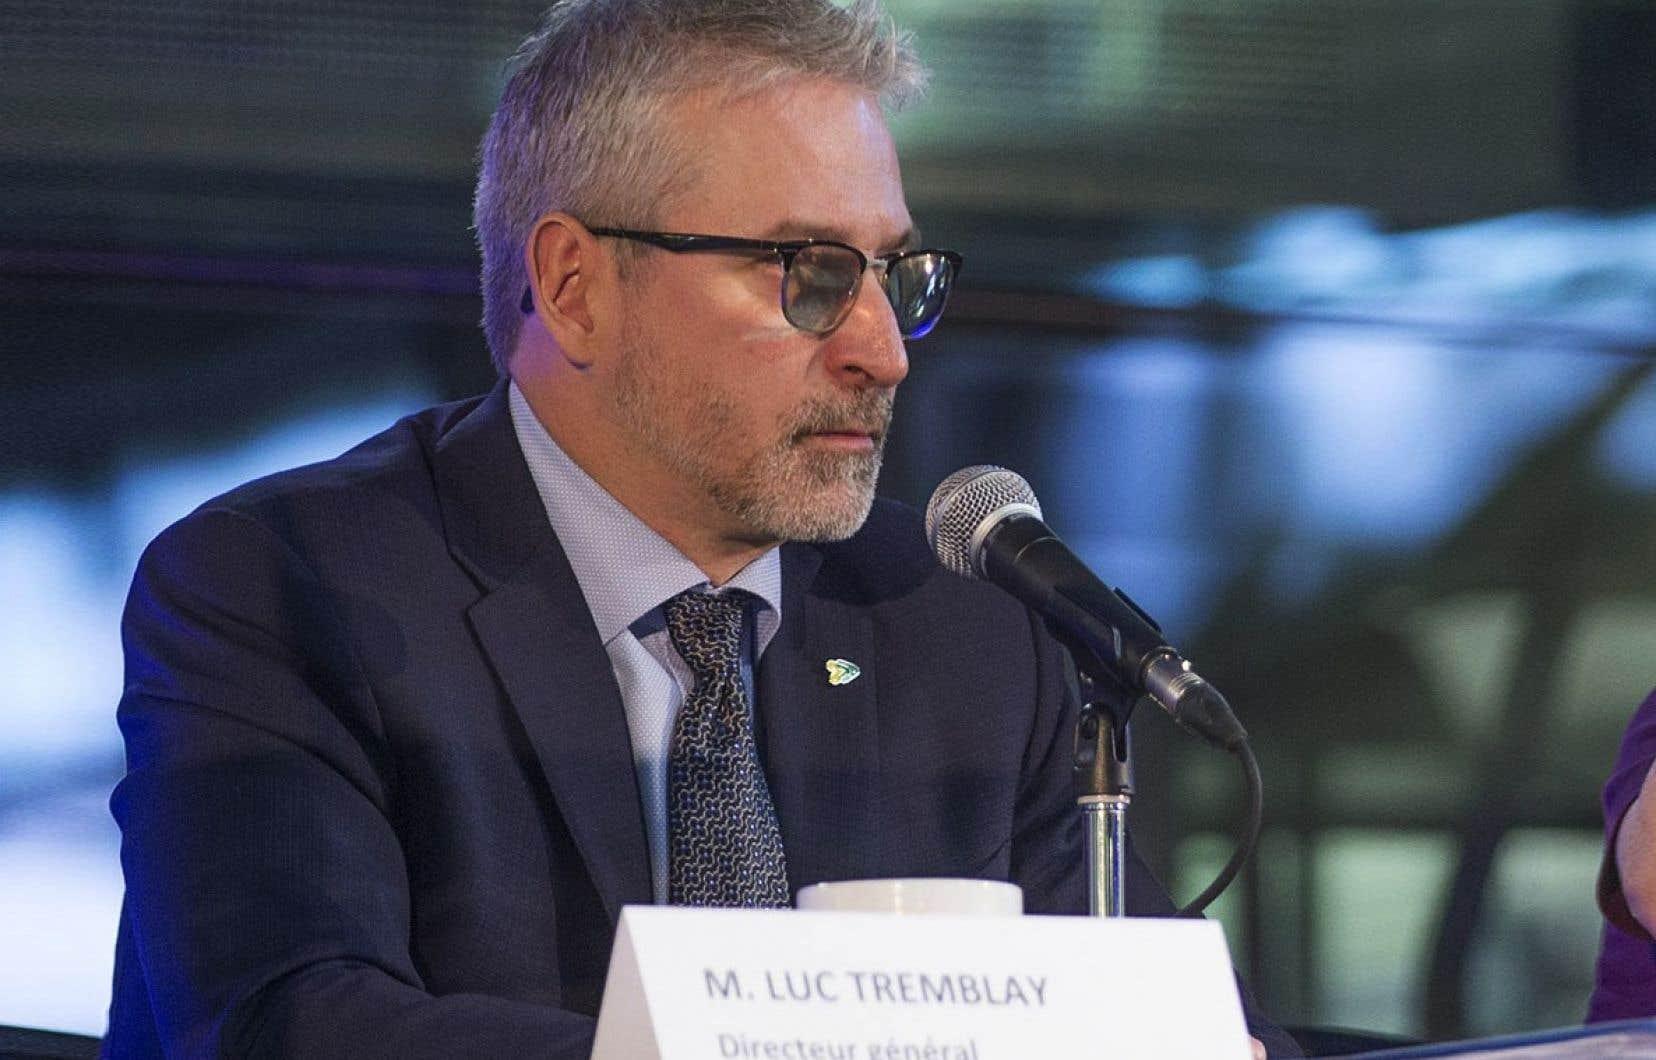 Le directeur général de la Société de transport de Montréal, Luc Tremblay